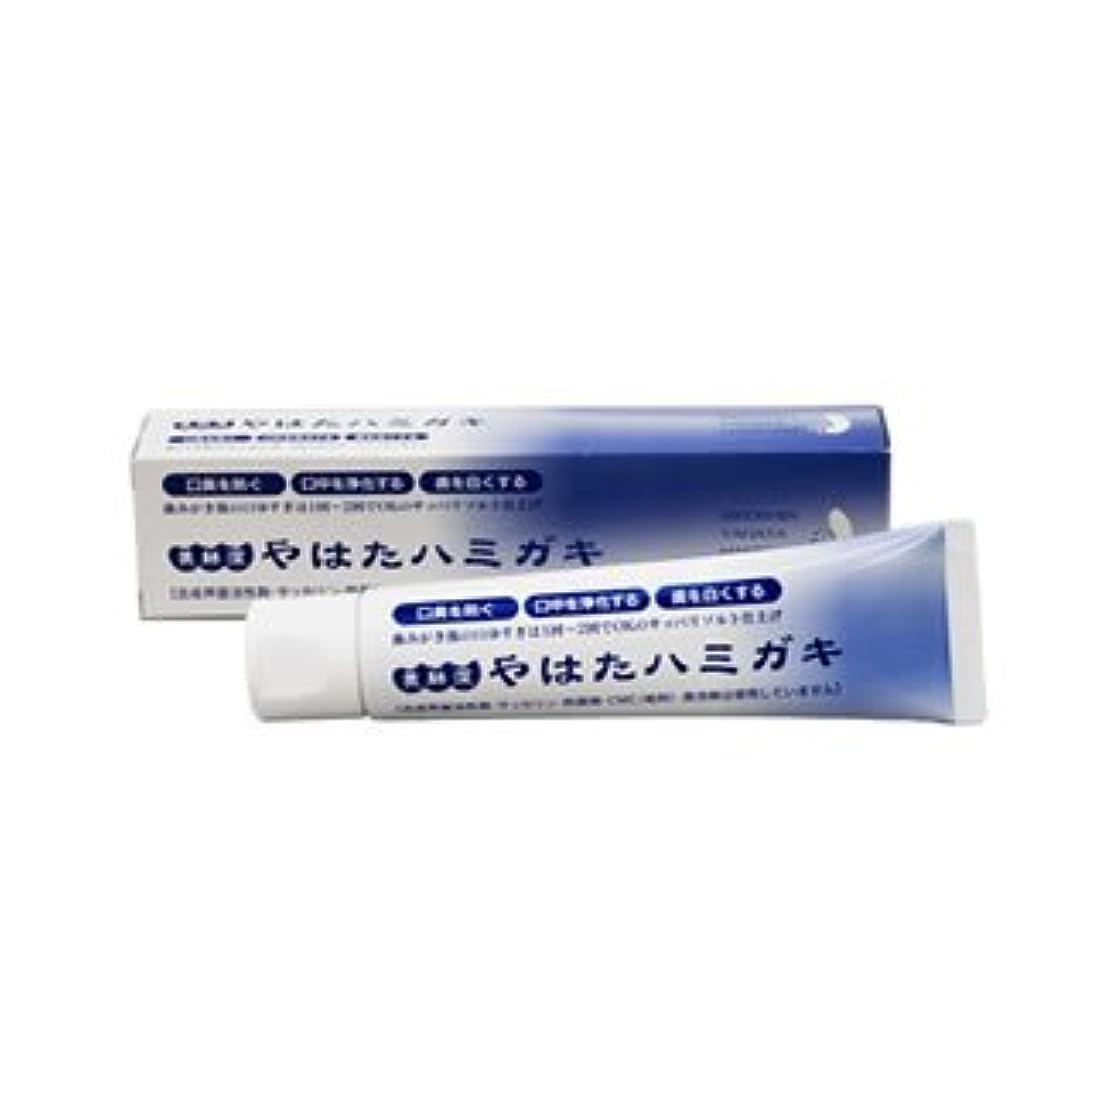 拮抗癌ドール無添加 歯磨き粉 やはたハミガキ 120g